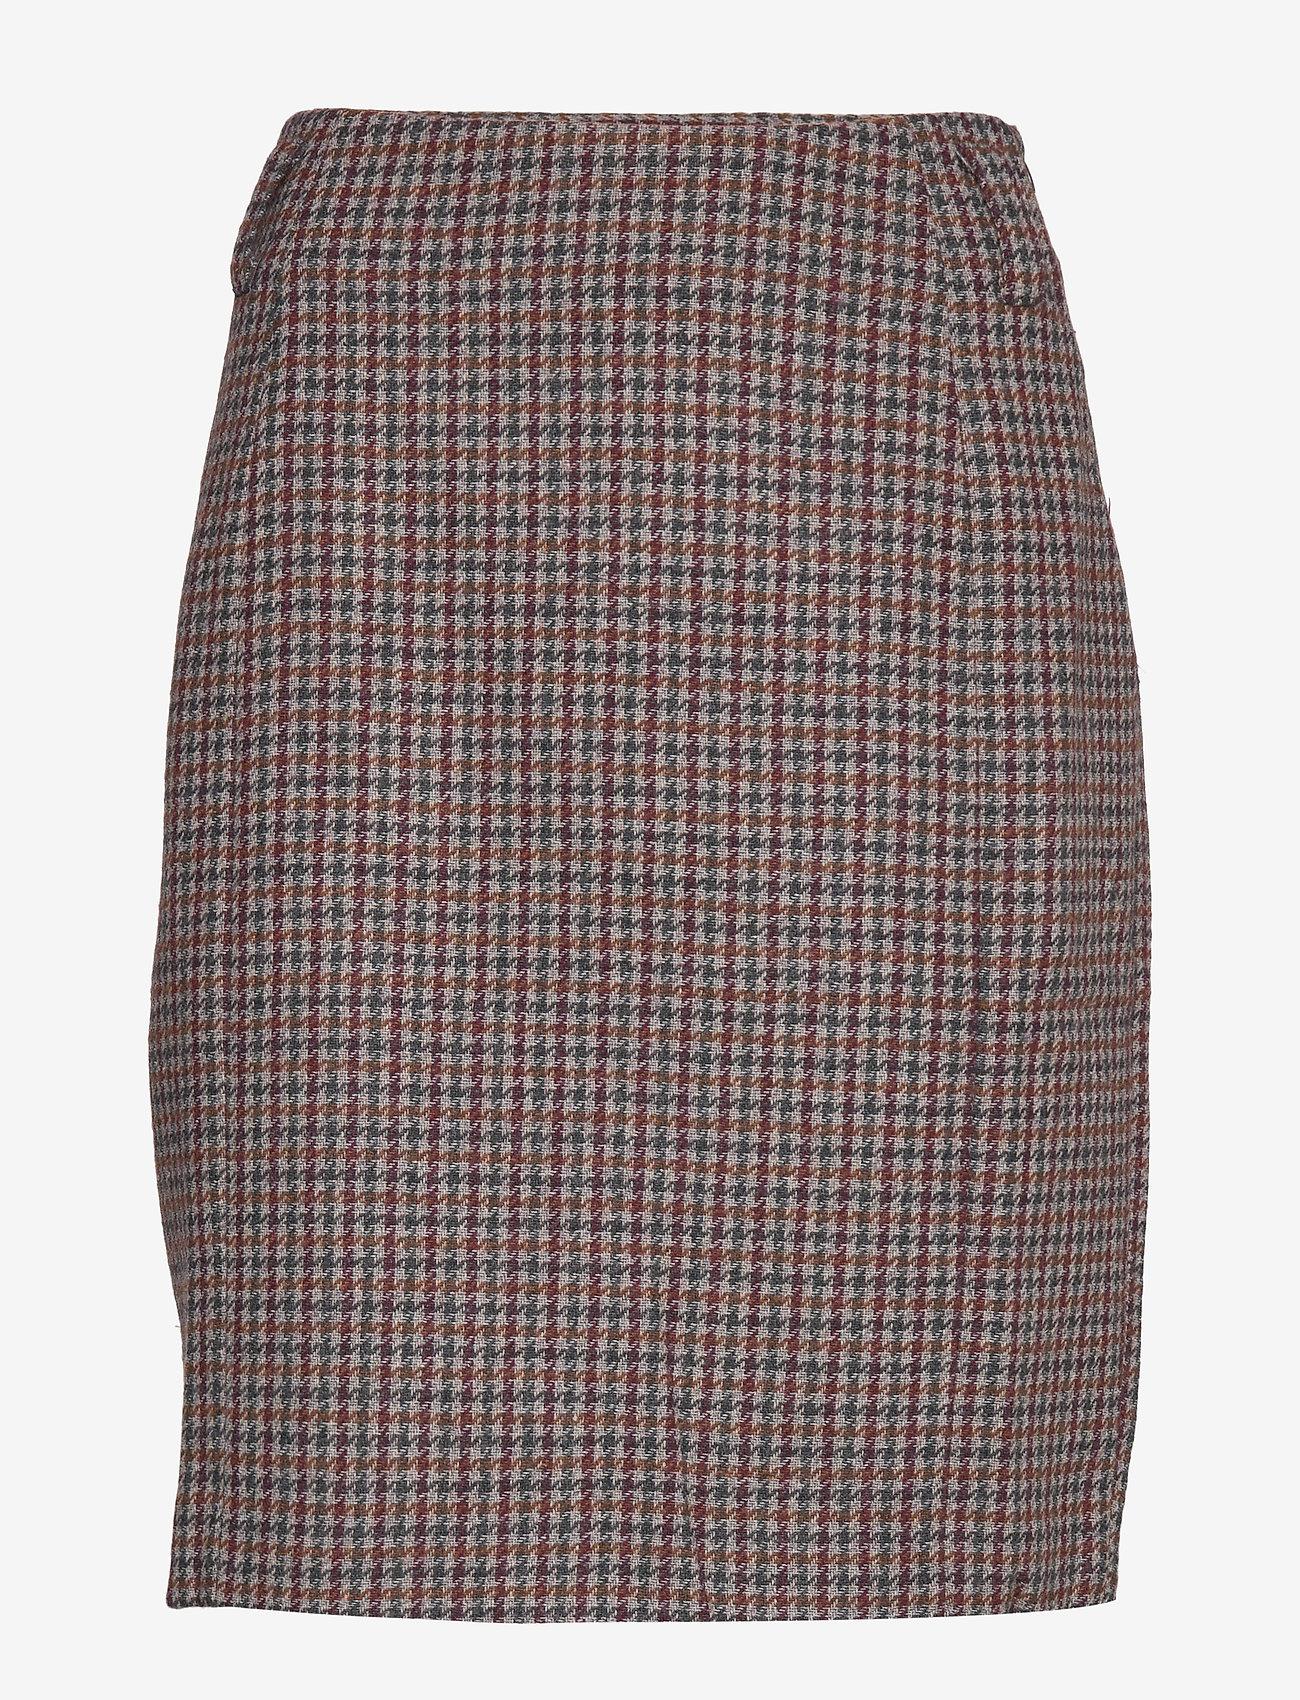 Dhharper Skirt (Vineyard Wine Checked) - Denim Hunter ZKn7m0